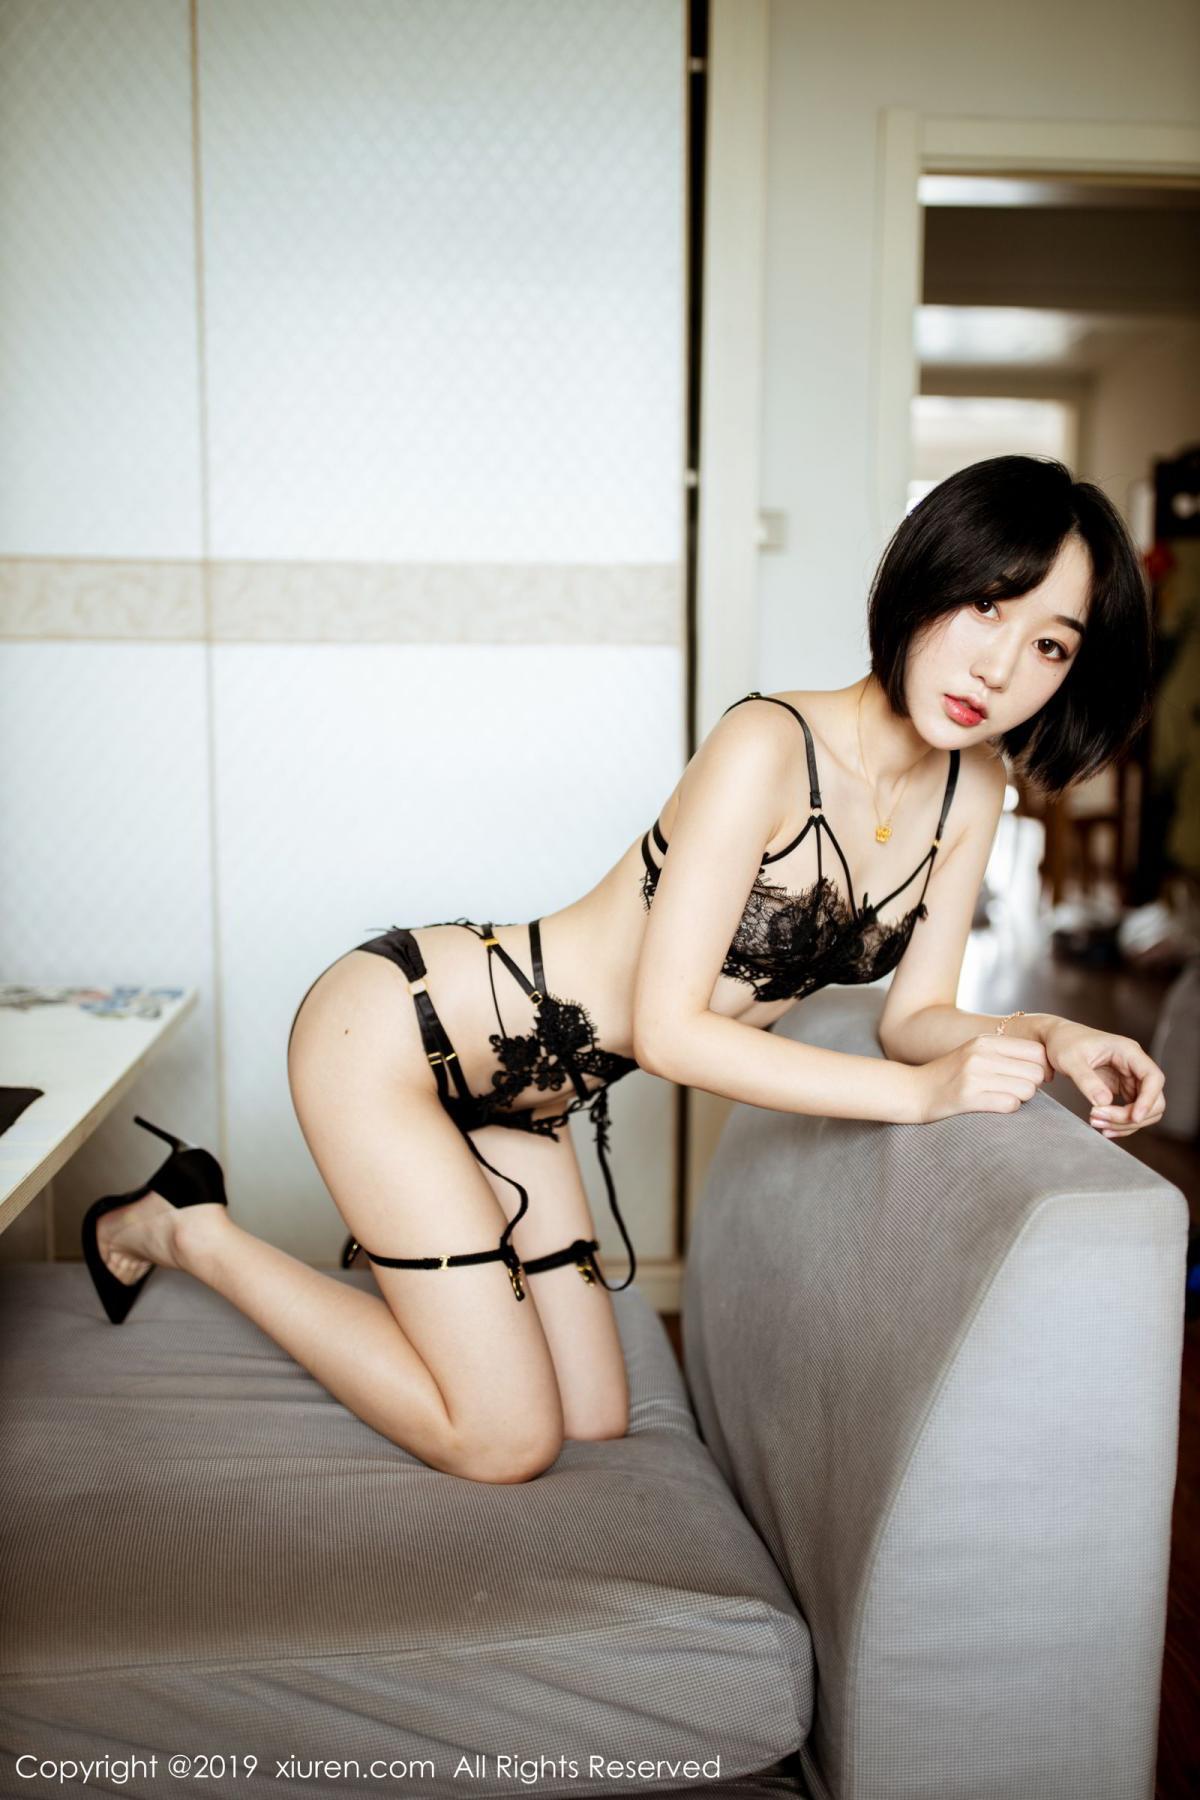 [XiuRen] Vol.1618 Xiao Jiu Yue 1P, Pure, Underwear, Xiao Jiu Yue, Xiuren